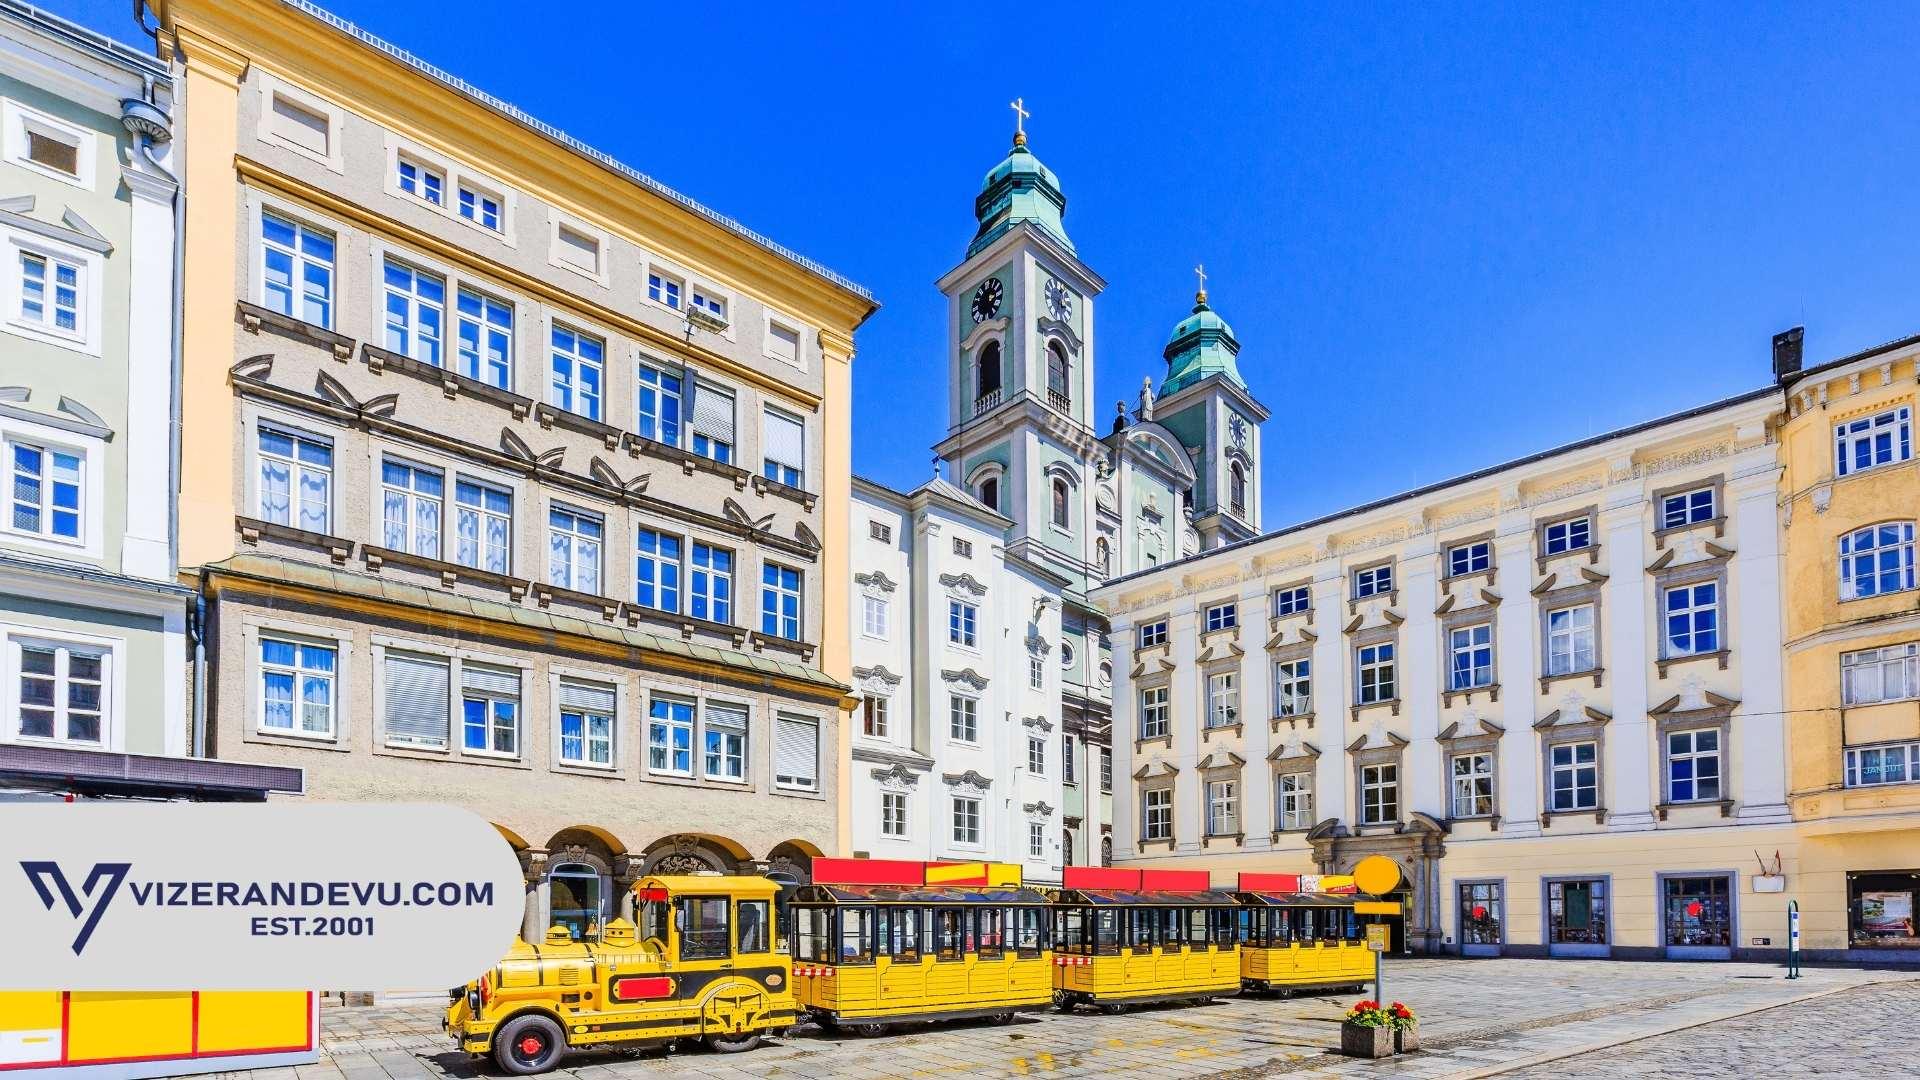 Küçükler İçin Avusturya Vize Gereksinimleri Nelerdir